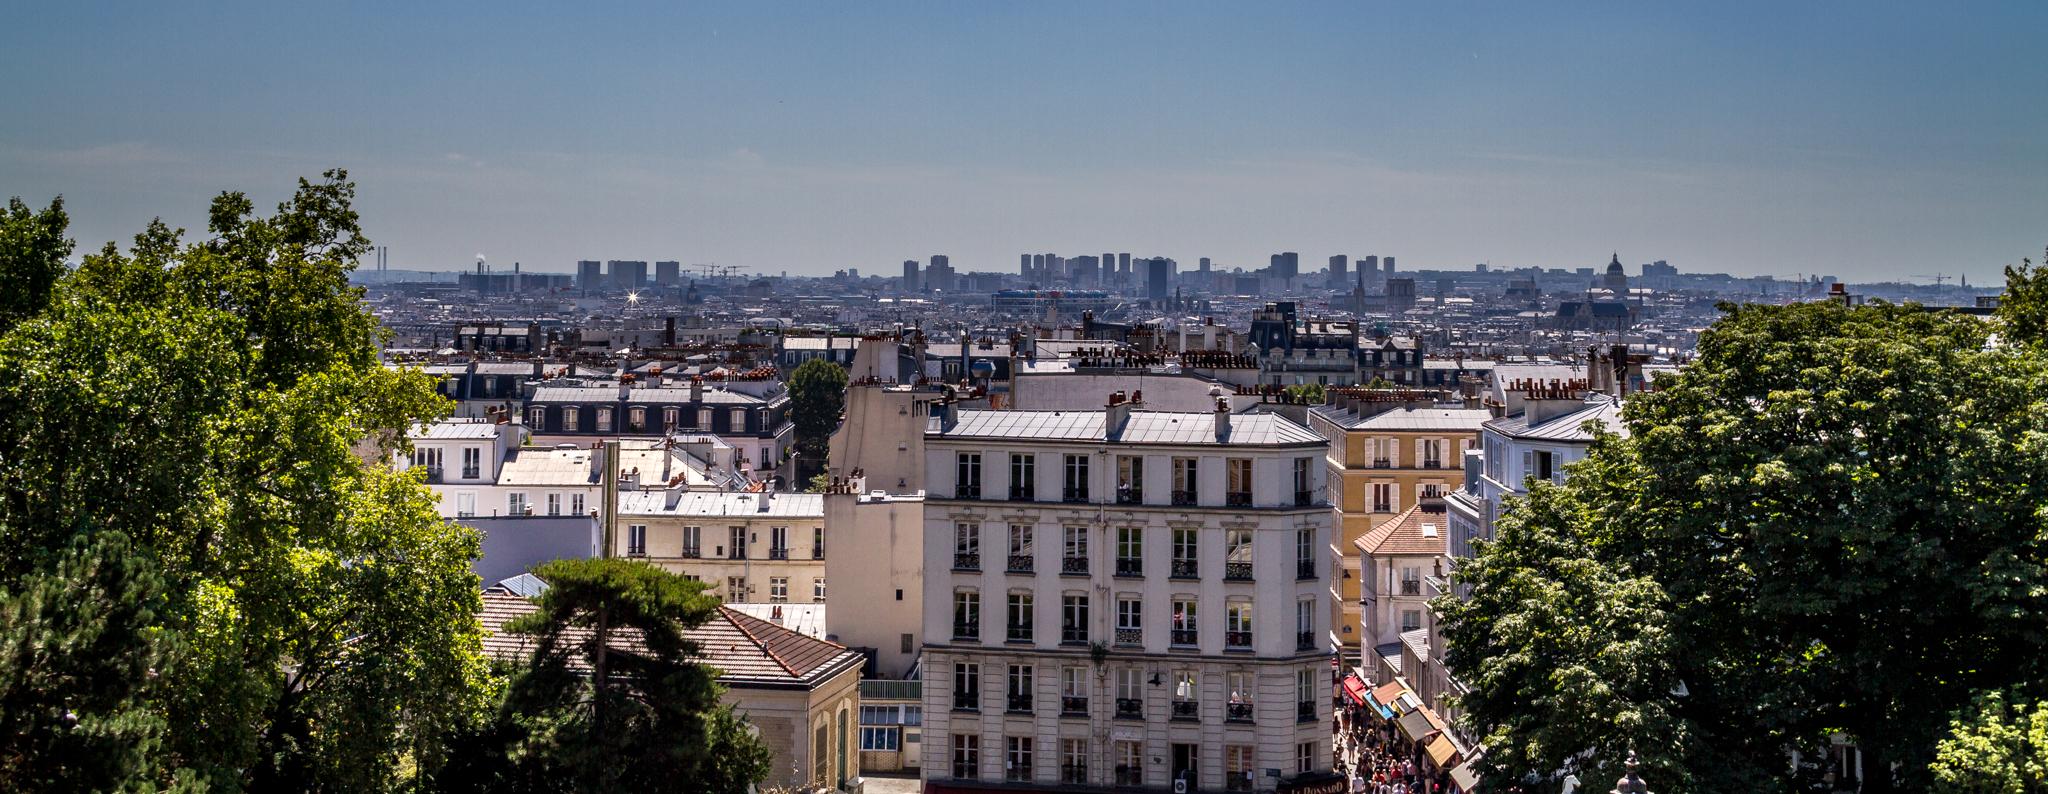 Die Aussicht vom Montmartre in Paris kann sich sehen lassen